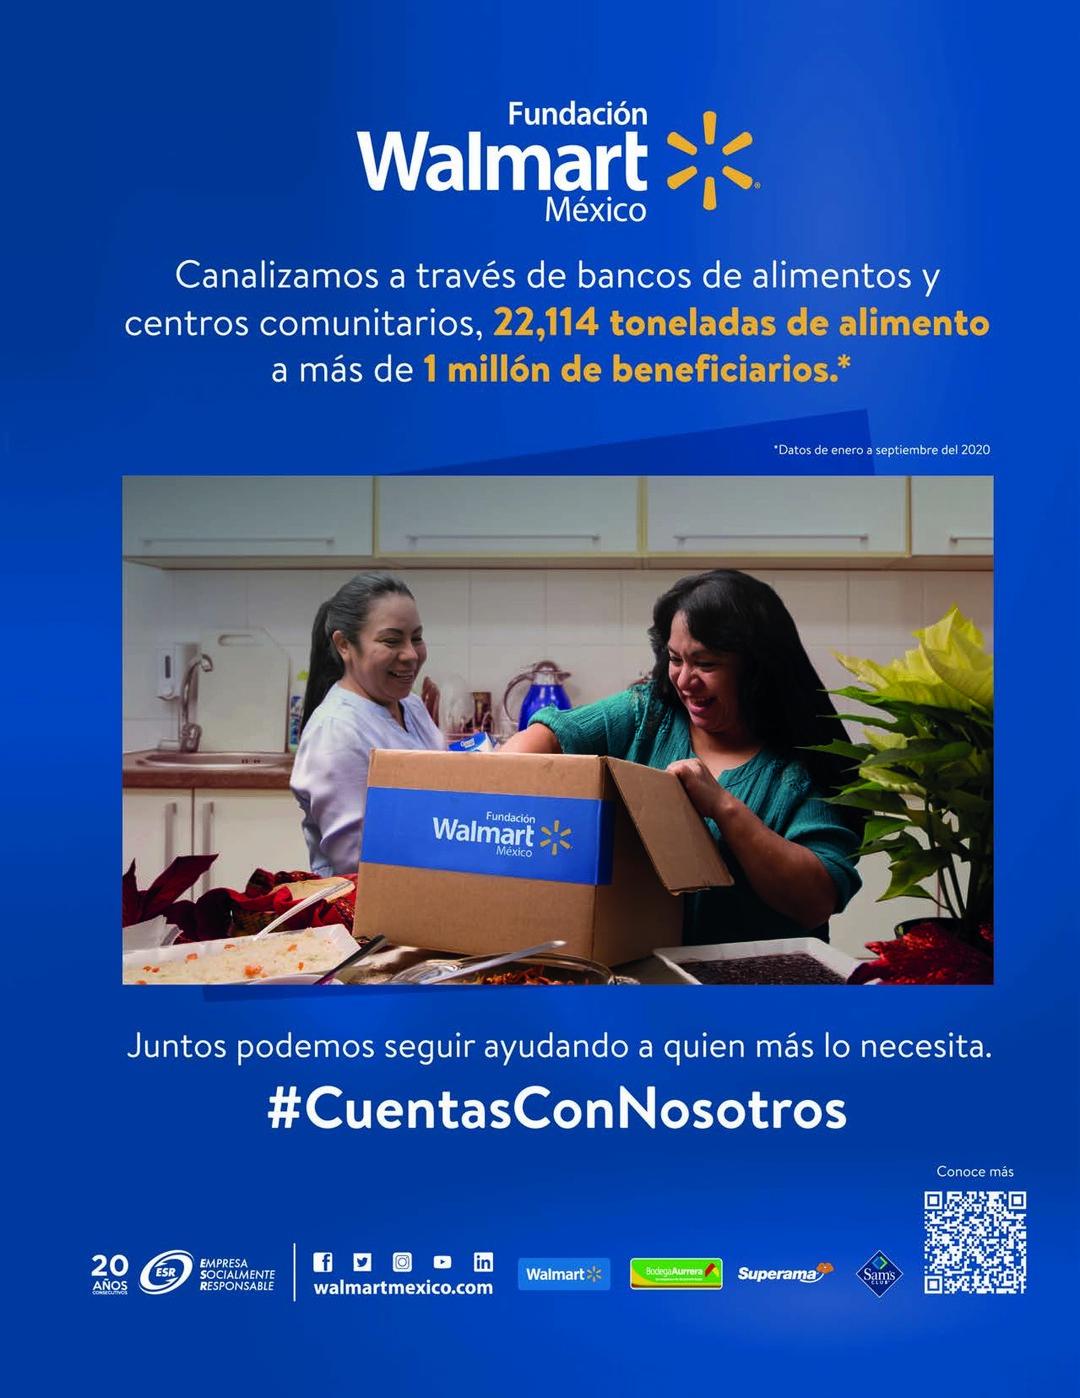 Page 13 of Walmart canaliza 22,114 toneladas de alimentos a más de 1 millón de beneficiarios en bancos de alimentos